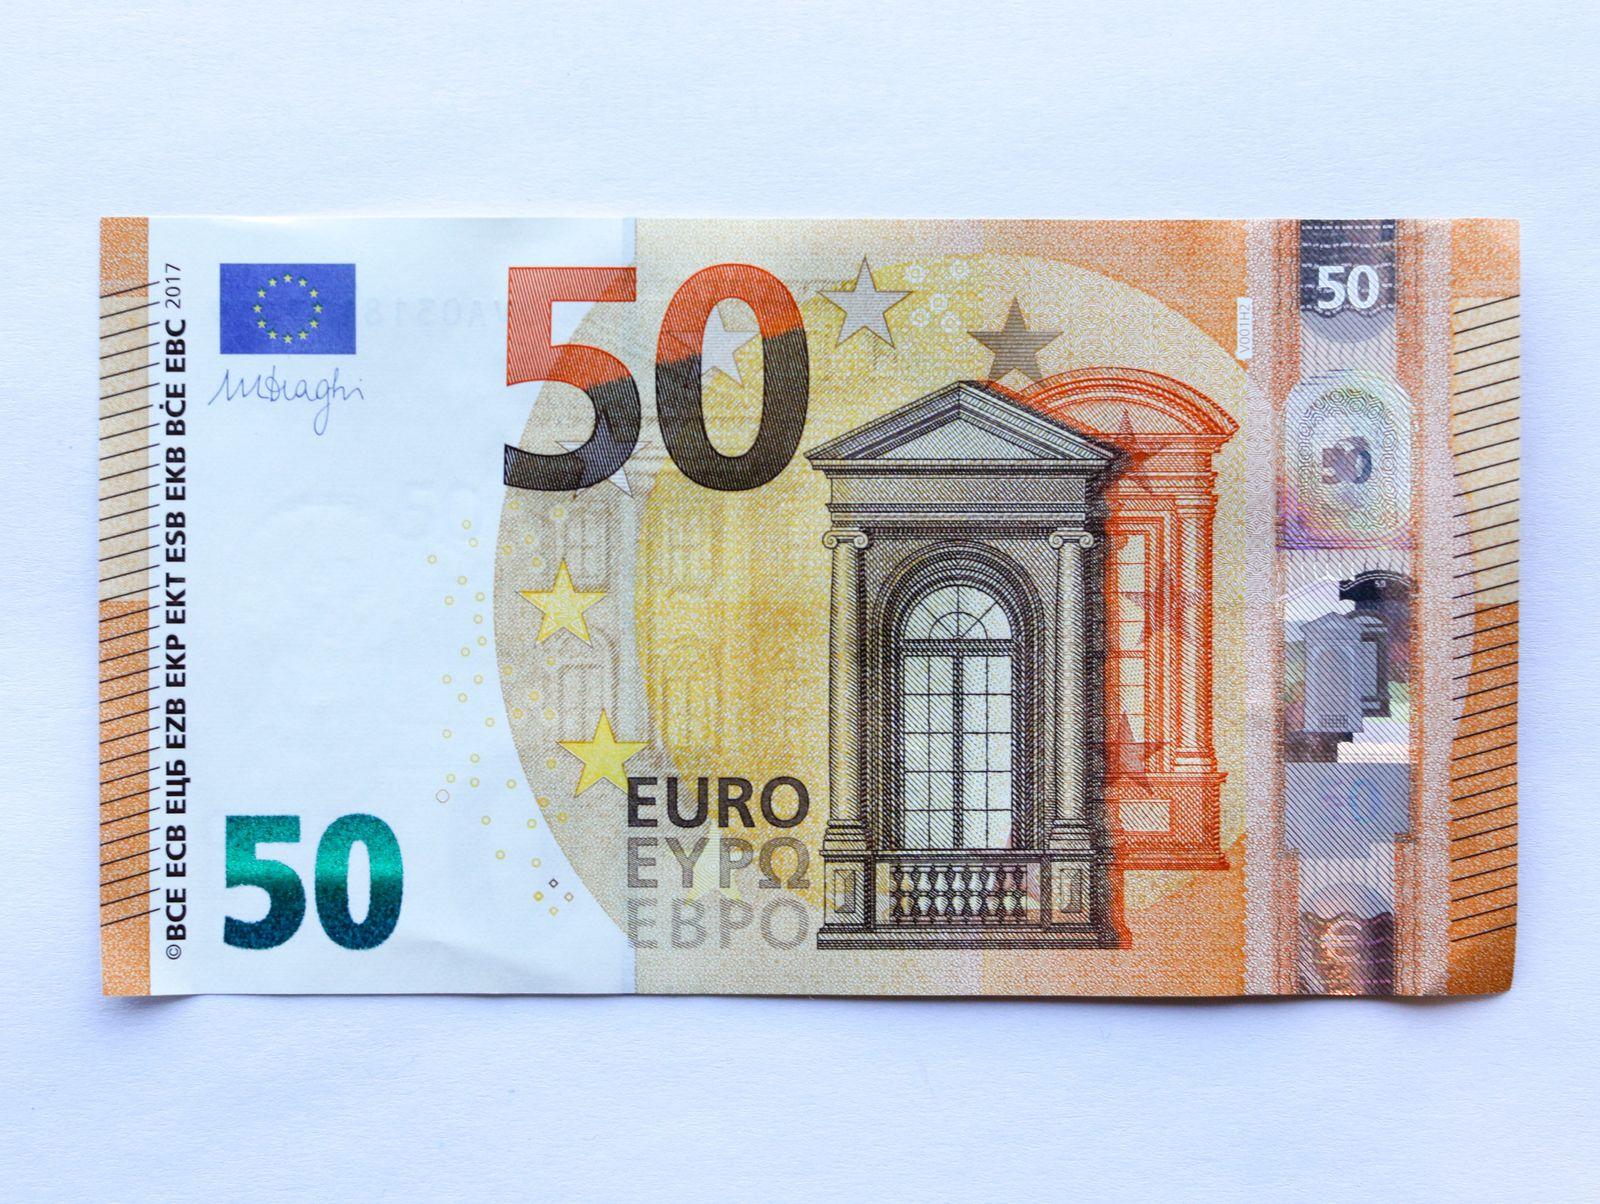 Neuer 50 Euroschein